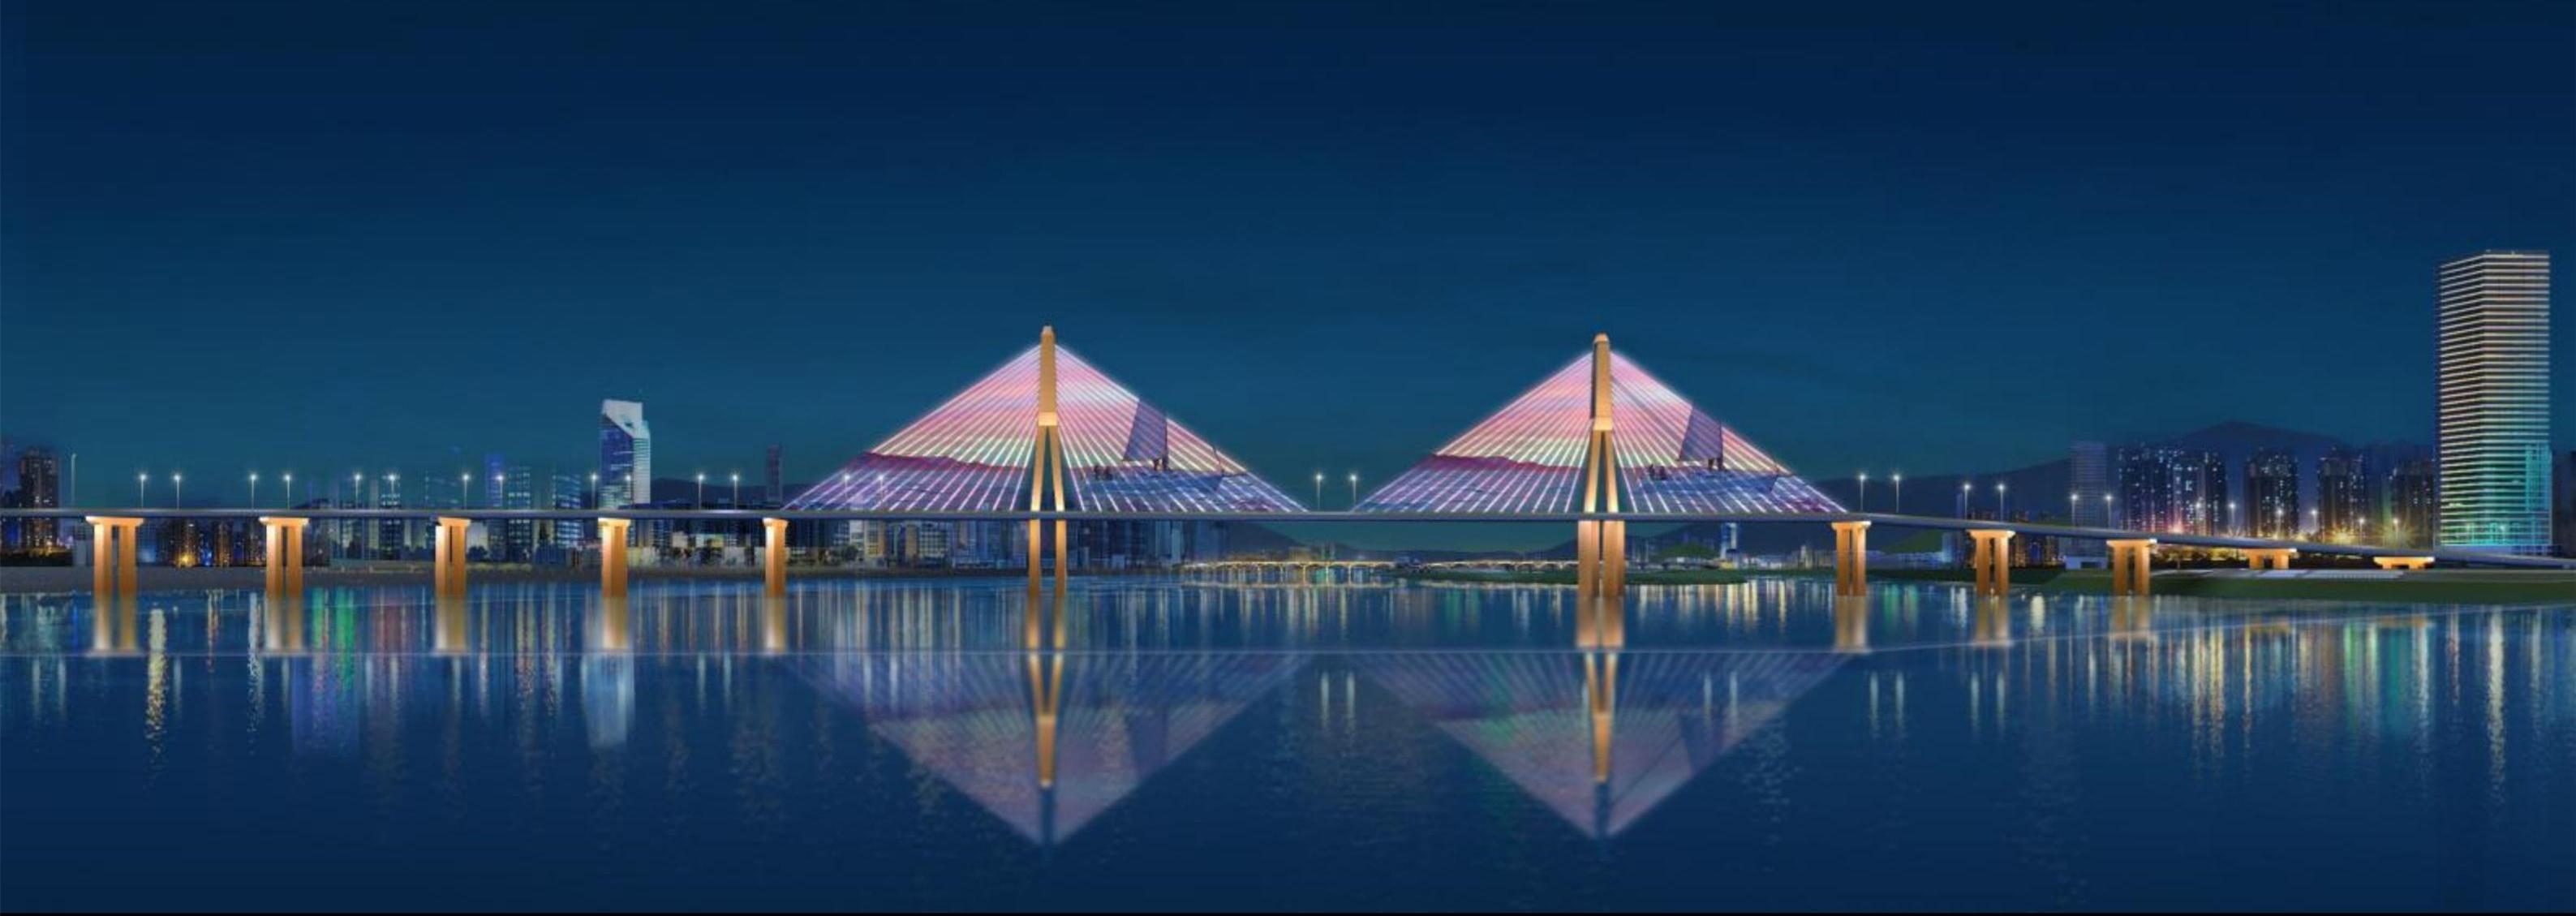 图为银盆岭大桥提质效果展示。